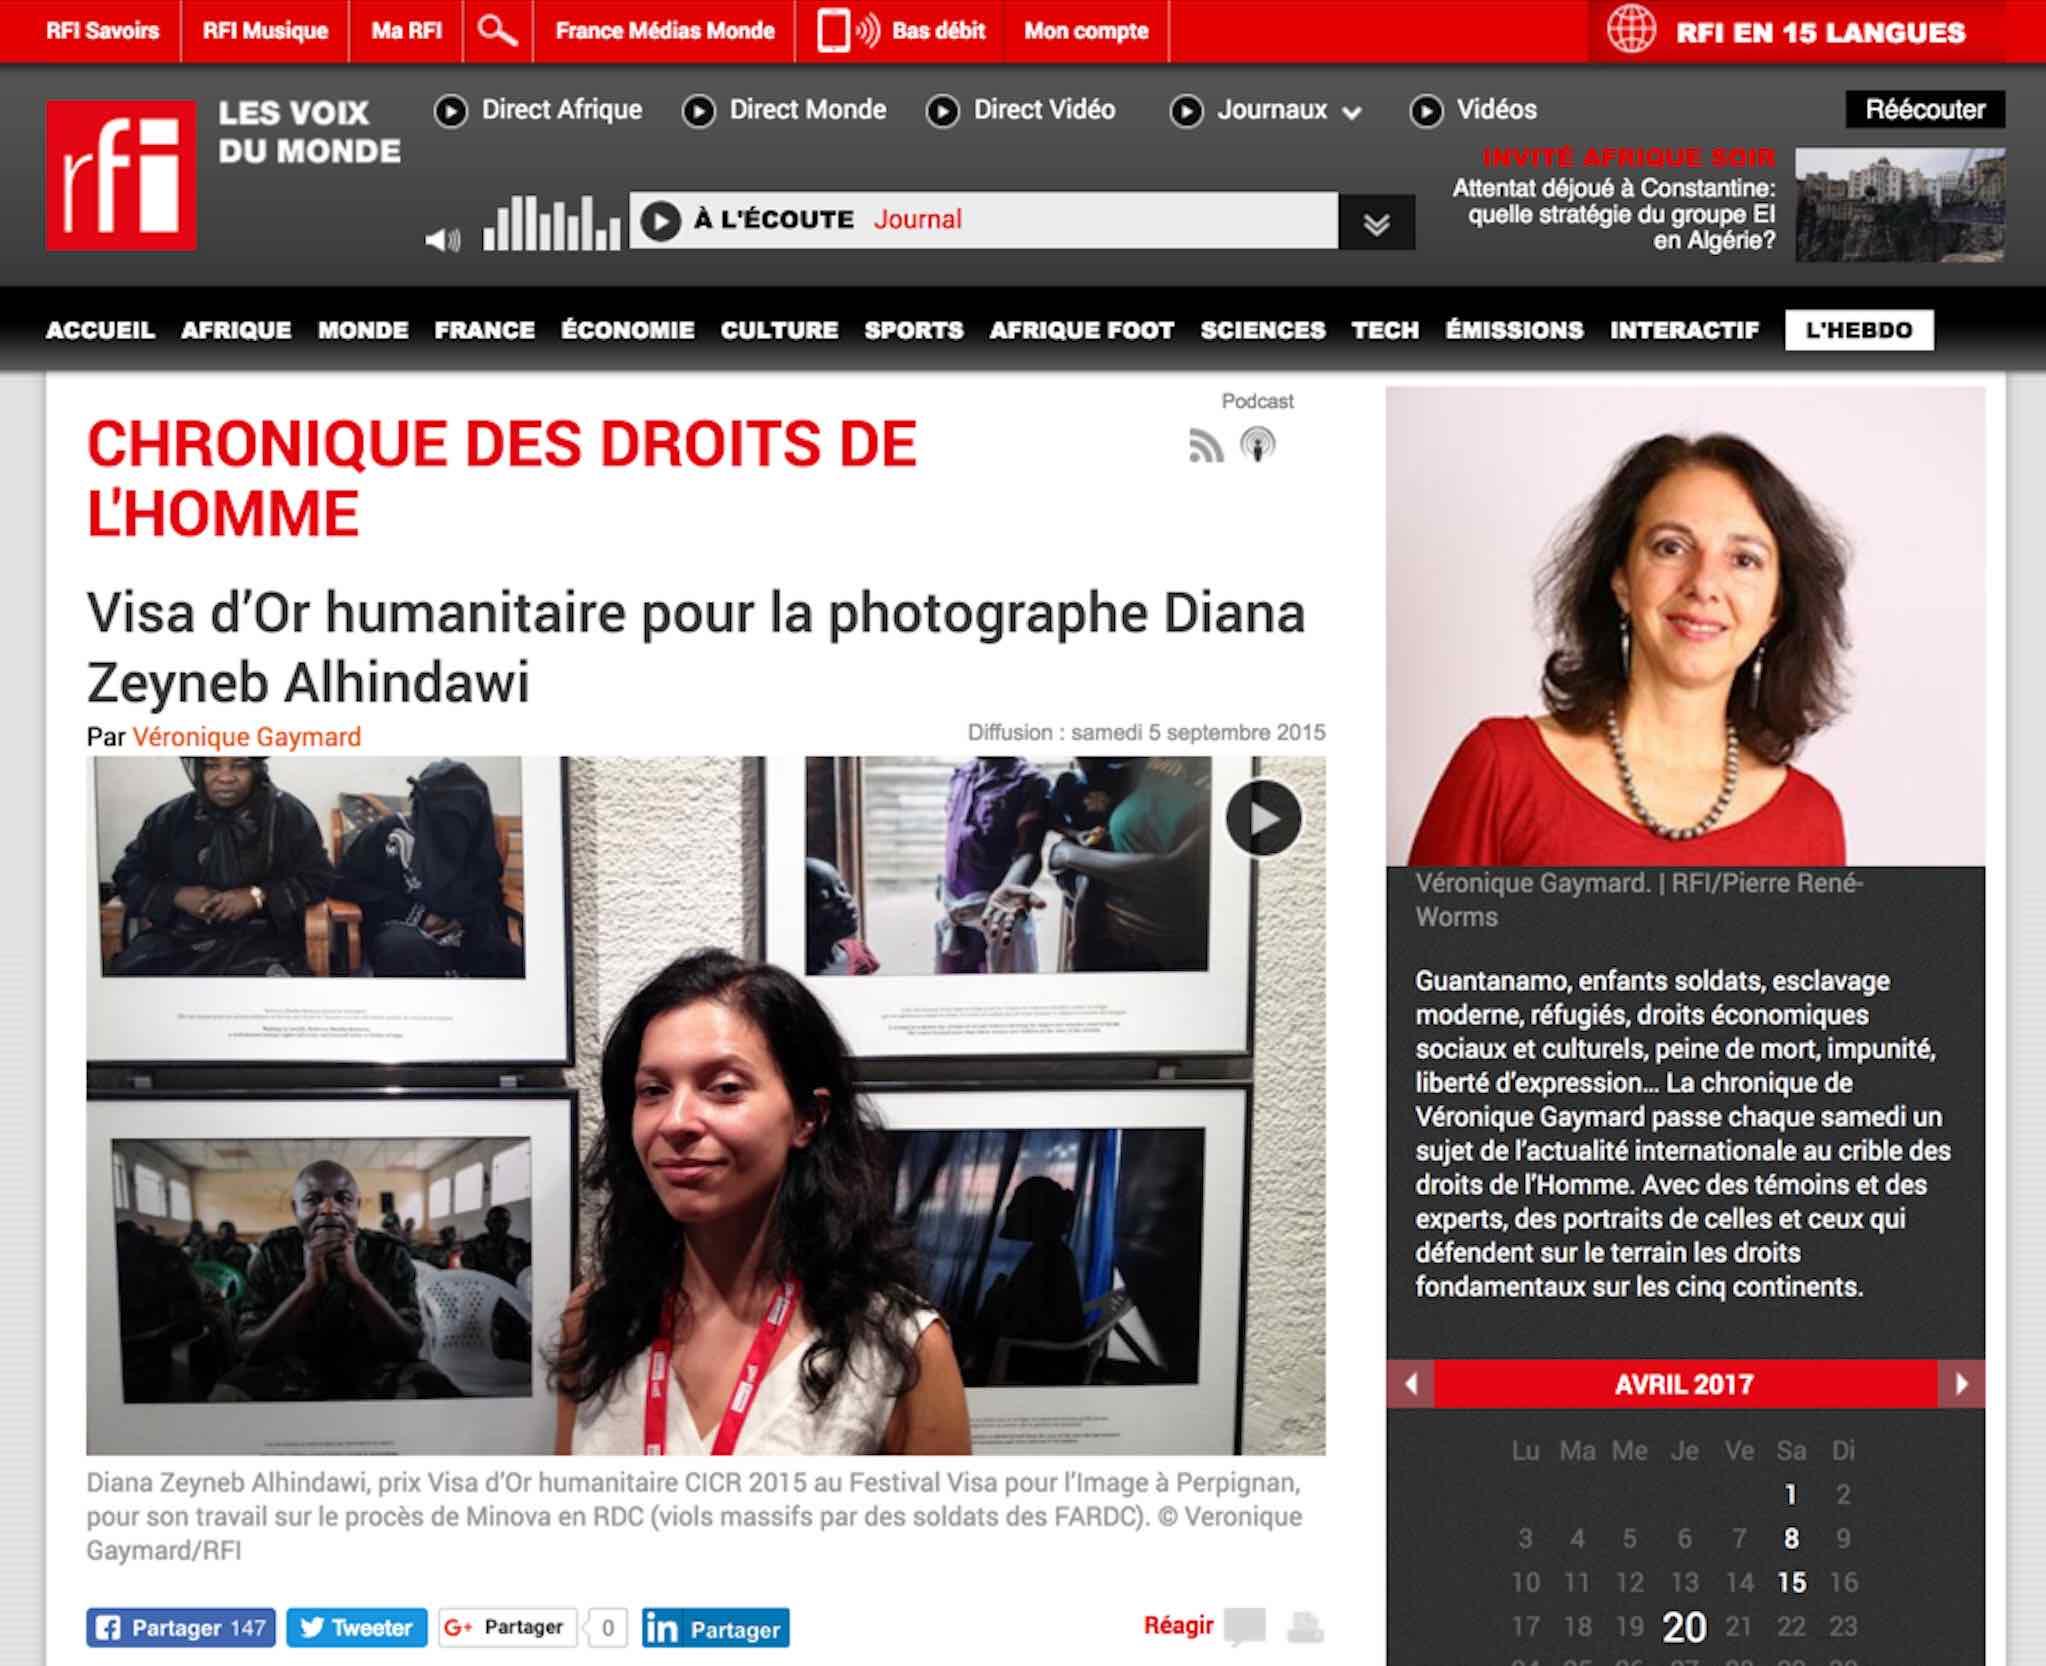 CLICK on title to link to full radio interview     Chronique de droits de l'homme: Visa d'or humanitaire pour la photographe Diana Zeyneb Alhindawi (radio) (Human rights chronicle: Humanitarian Visa d'Or for photographer Diana Zeyneb Alhindawi) | Radio France Internationale, Sept 5, 2015